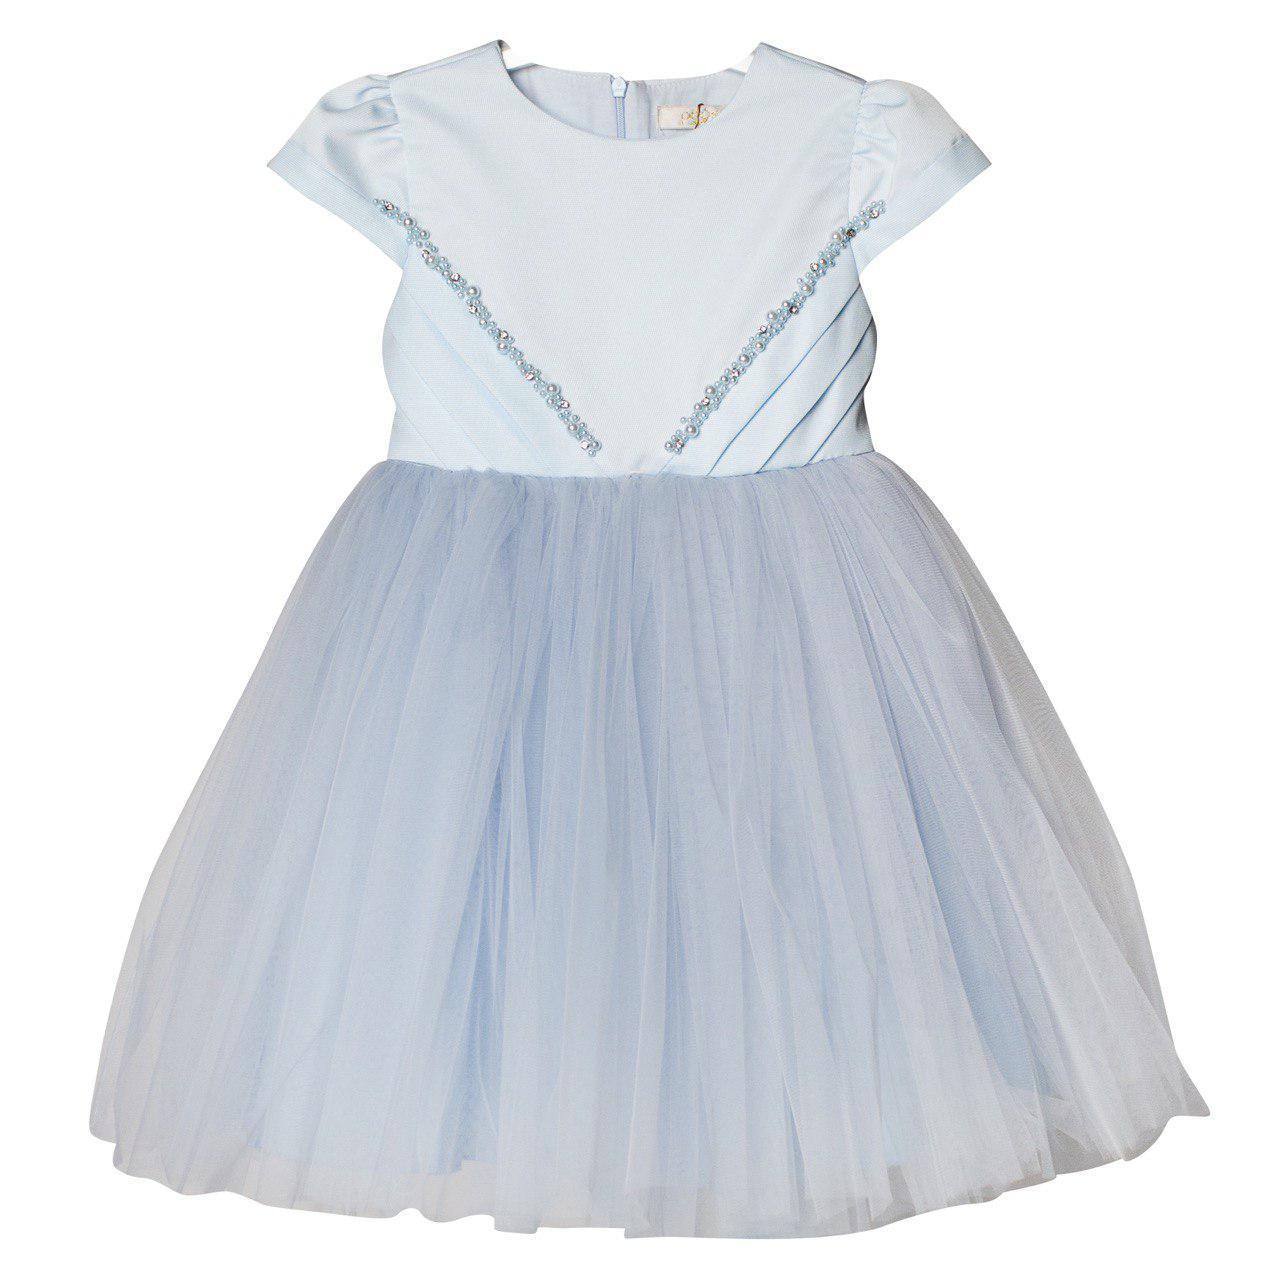 Нарядное платье для девочки, размеры 4, 5, 8 лет